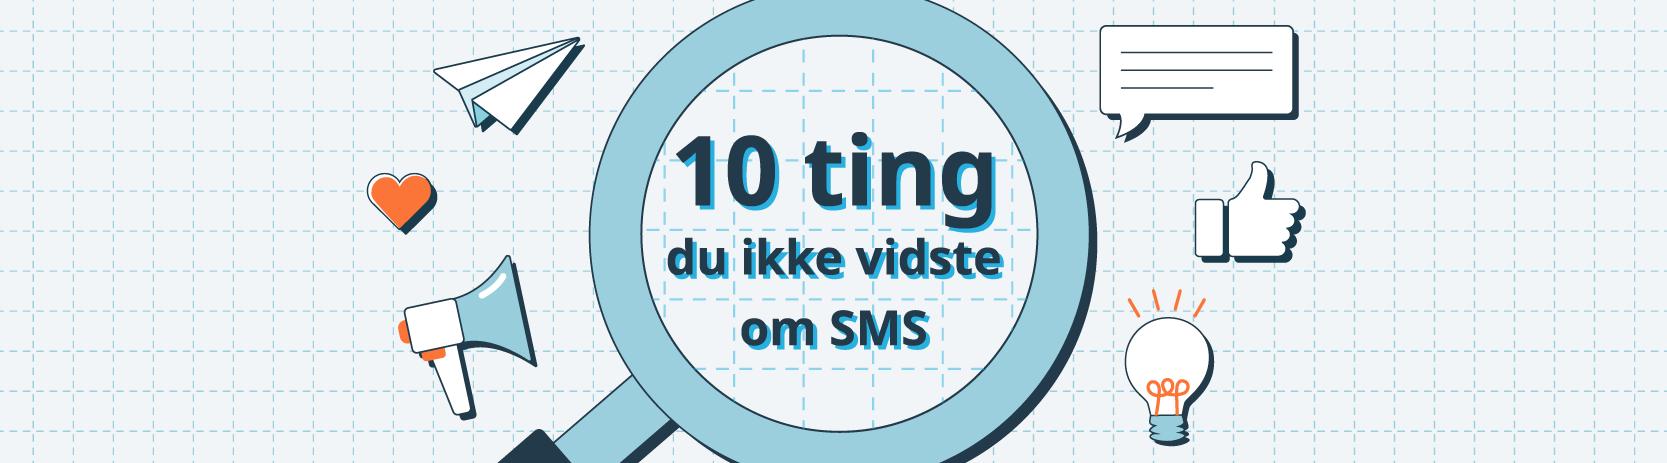 10 ting du ikke vidste om SMS